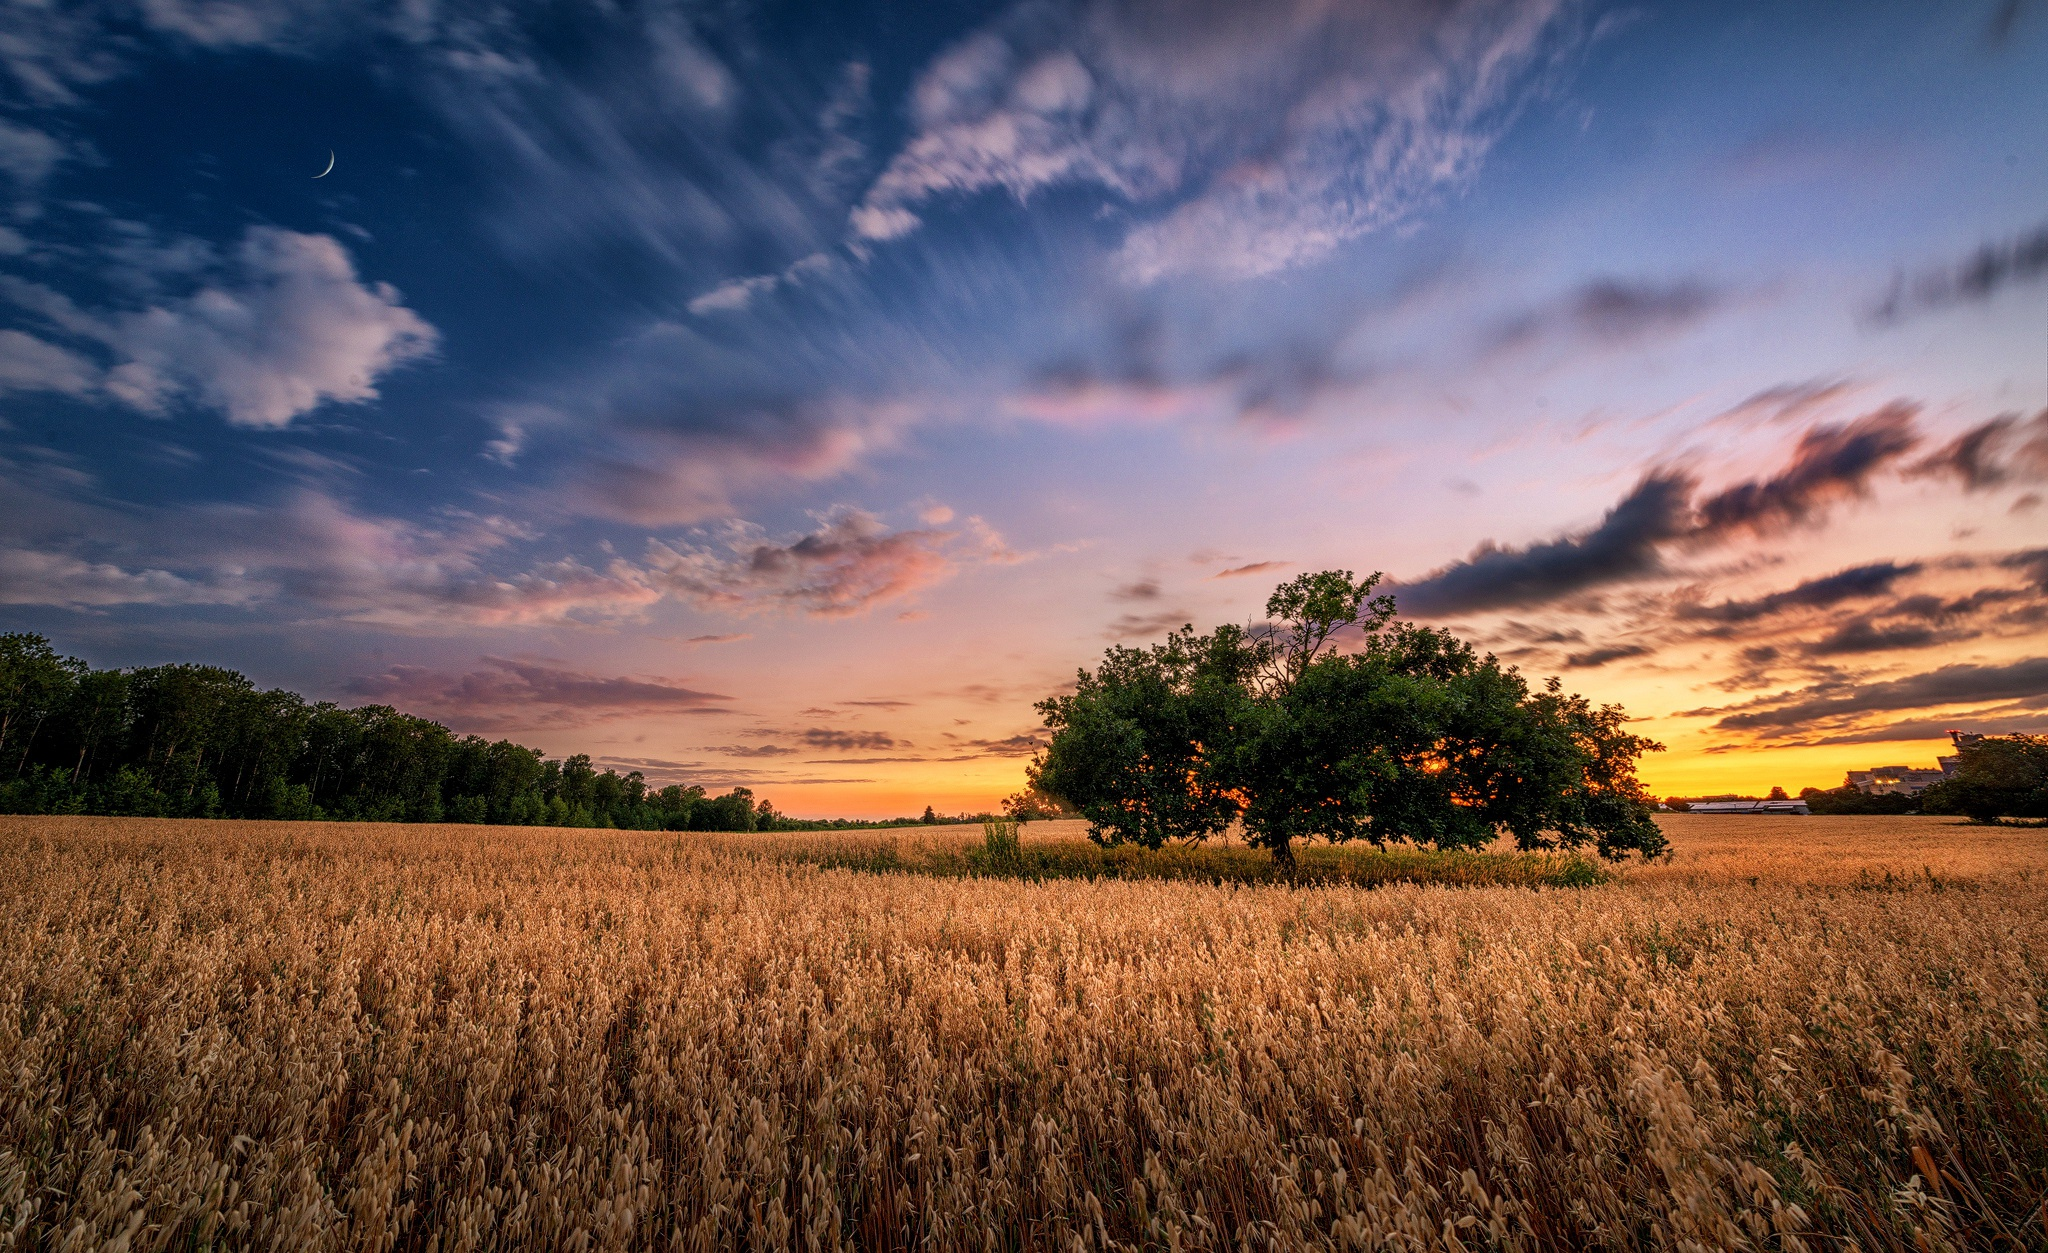 Nature Summer Field Sunset Sky 2048x1253